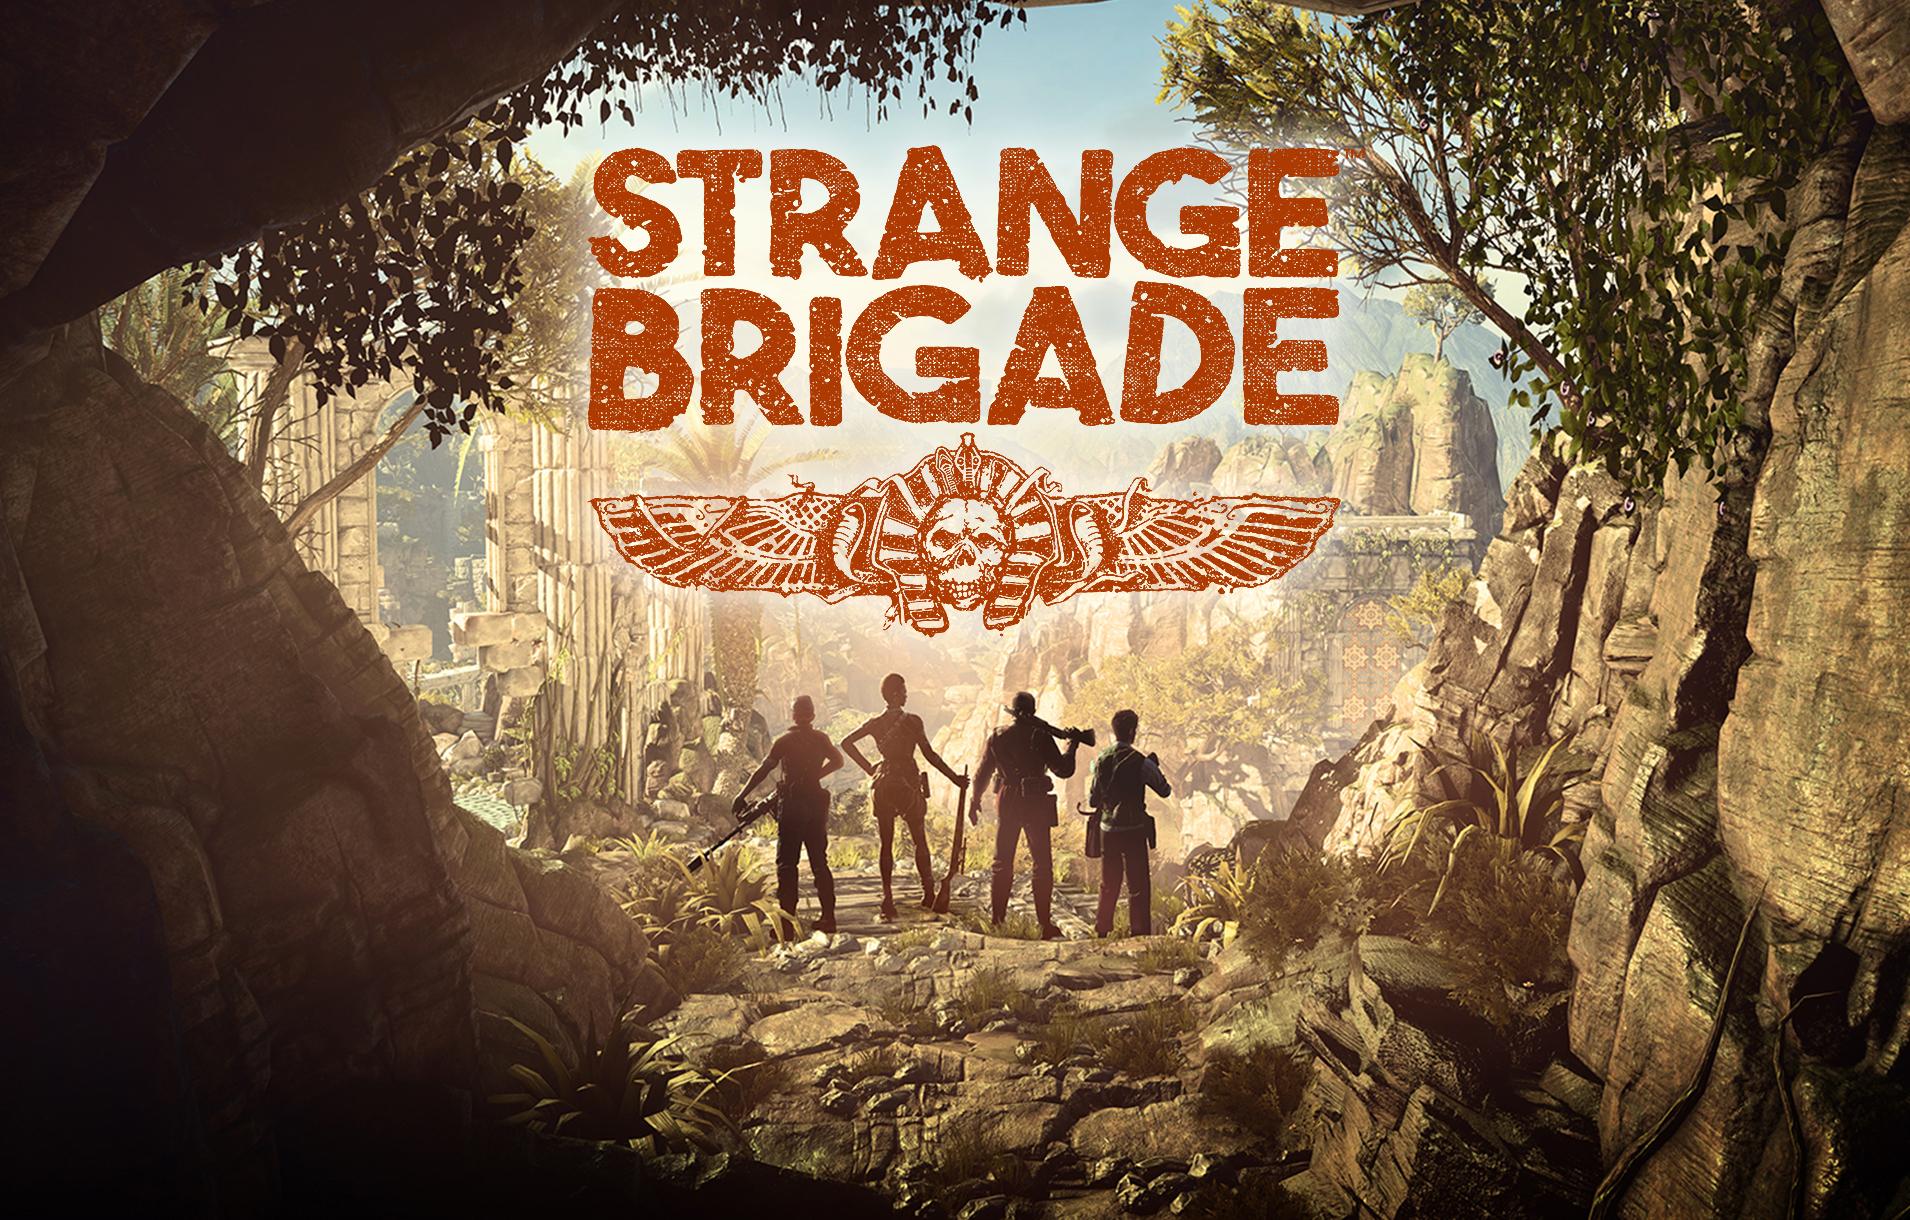 strange brigade AMD RYZEN THREADRIPPER 2920X PROCESSOR REVIEW